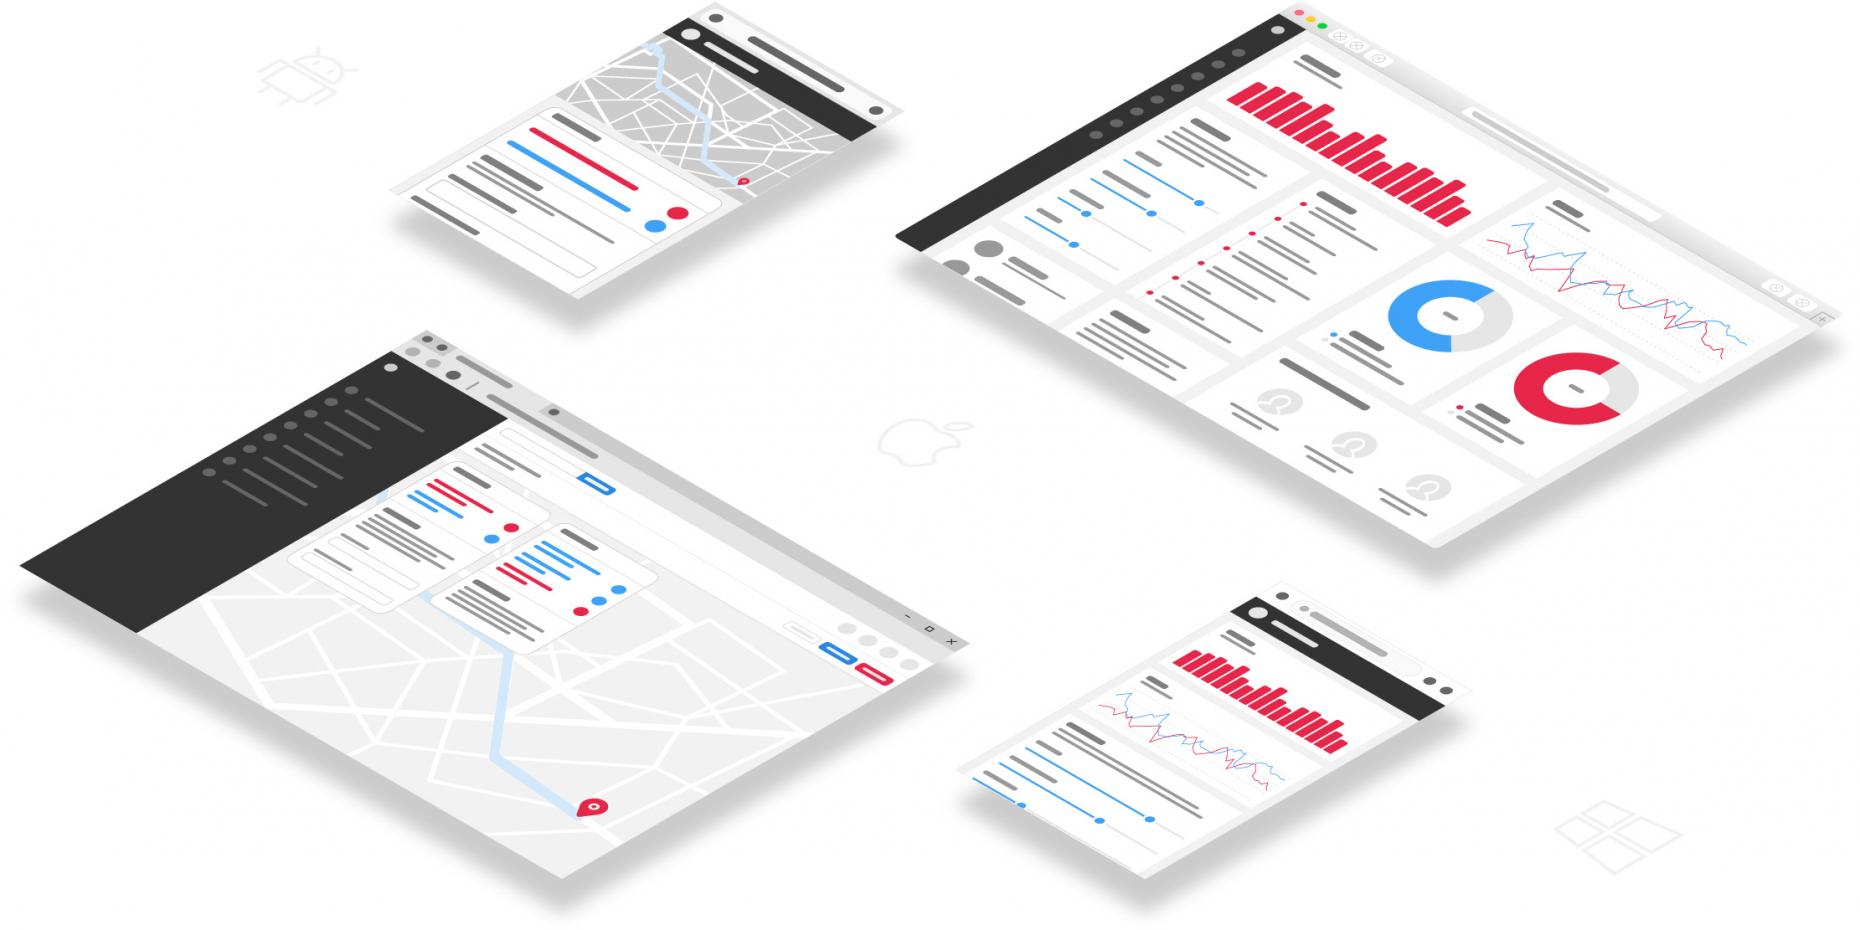 Darstellung von Interface-Elementen verschiedener Web-Apps